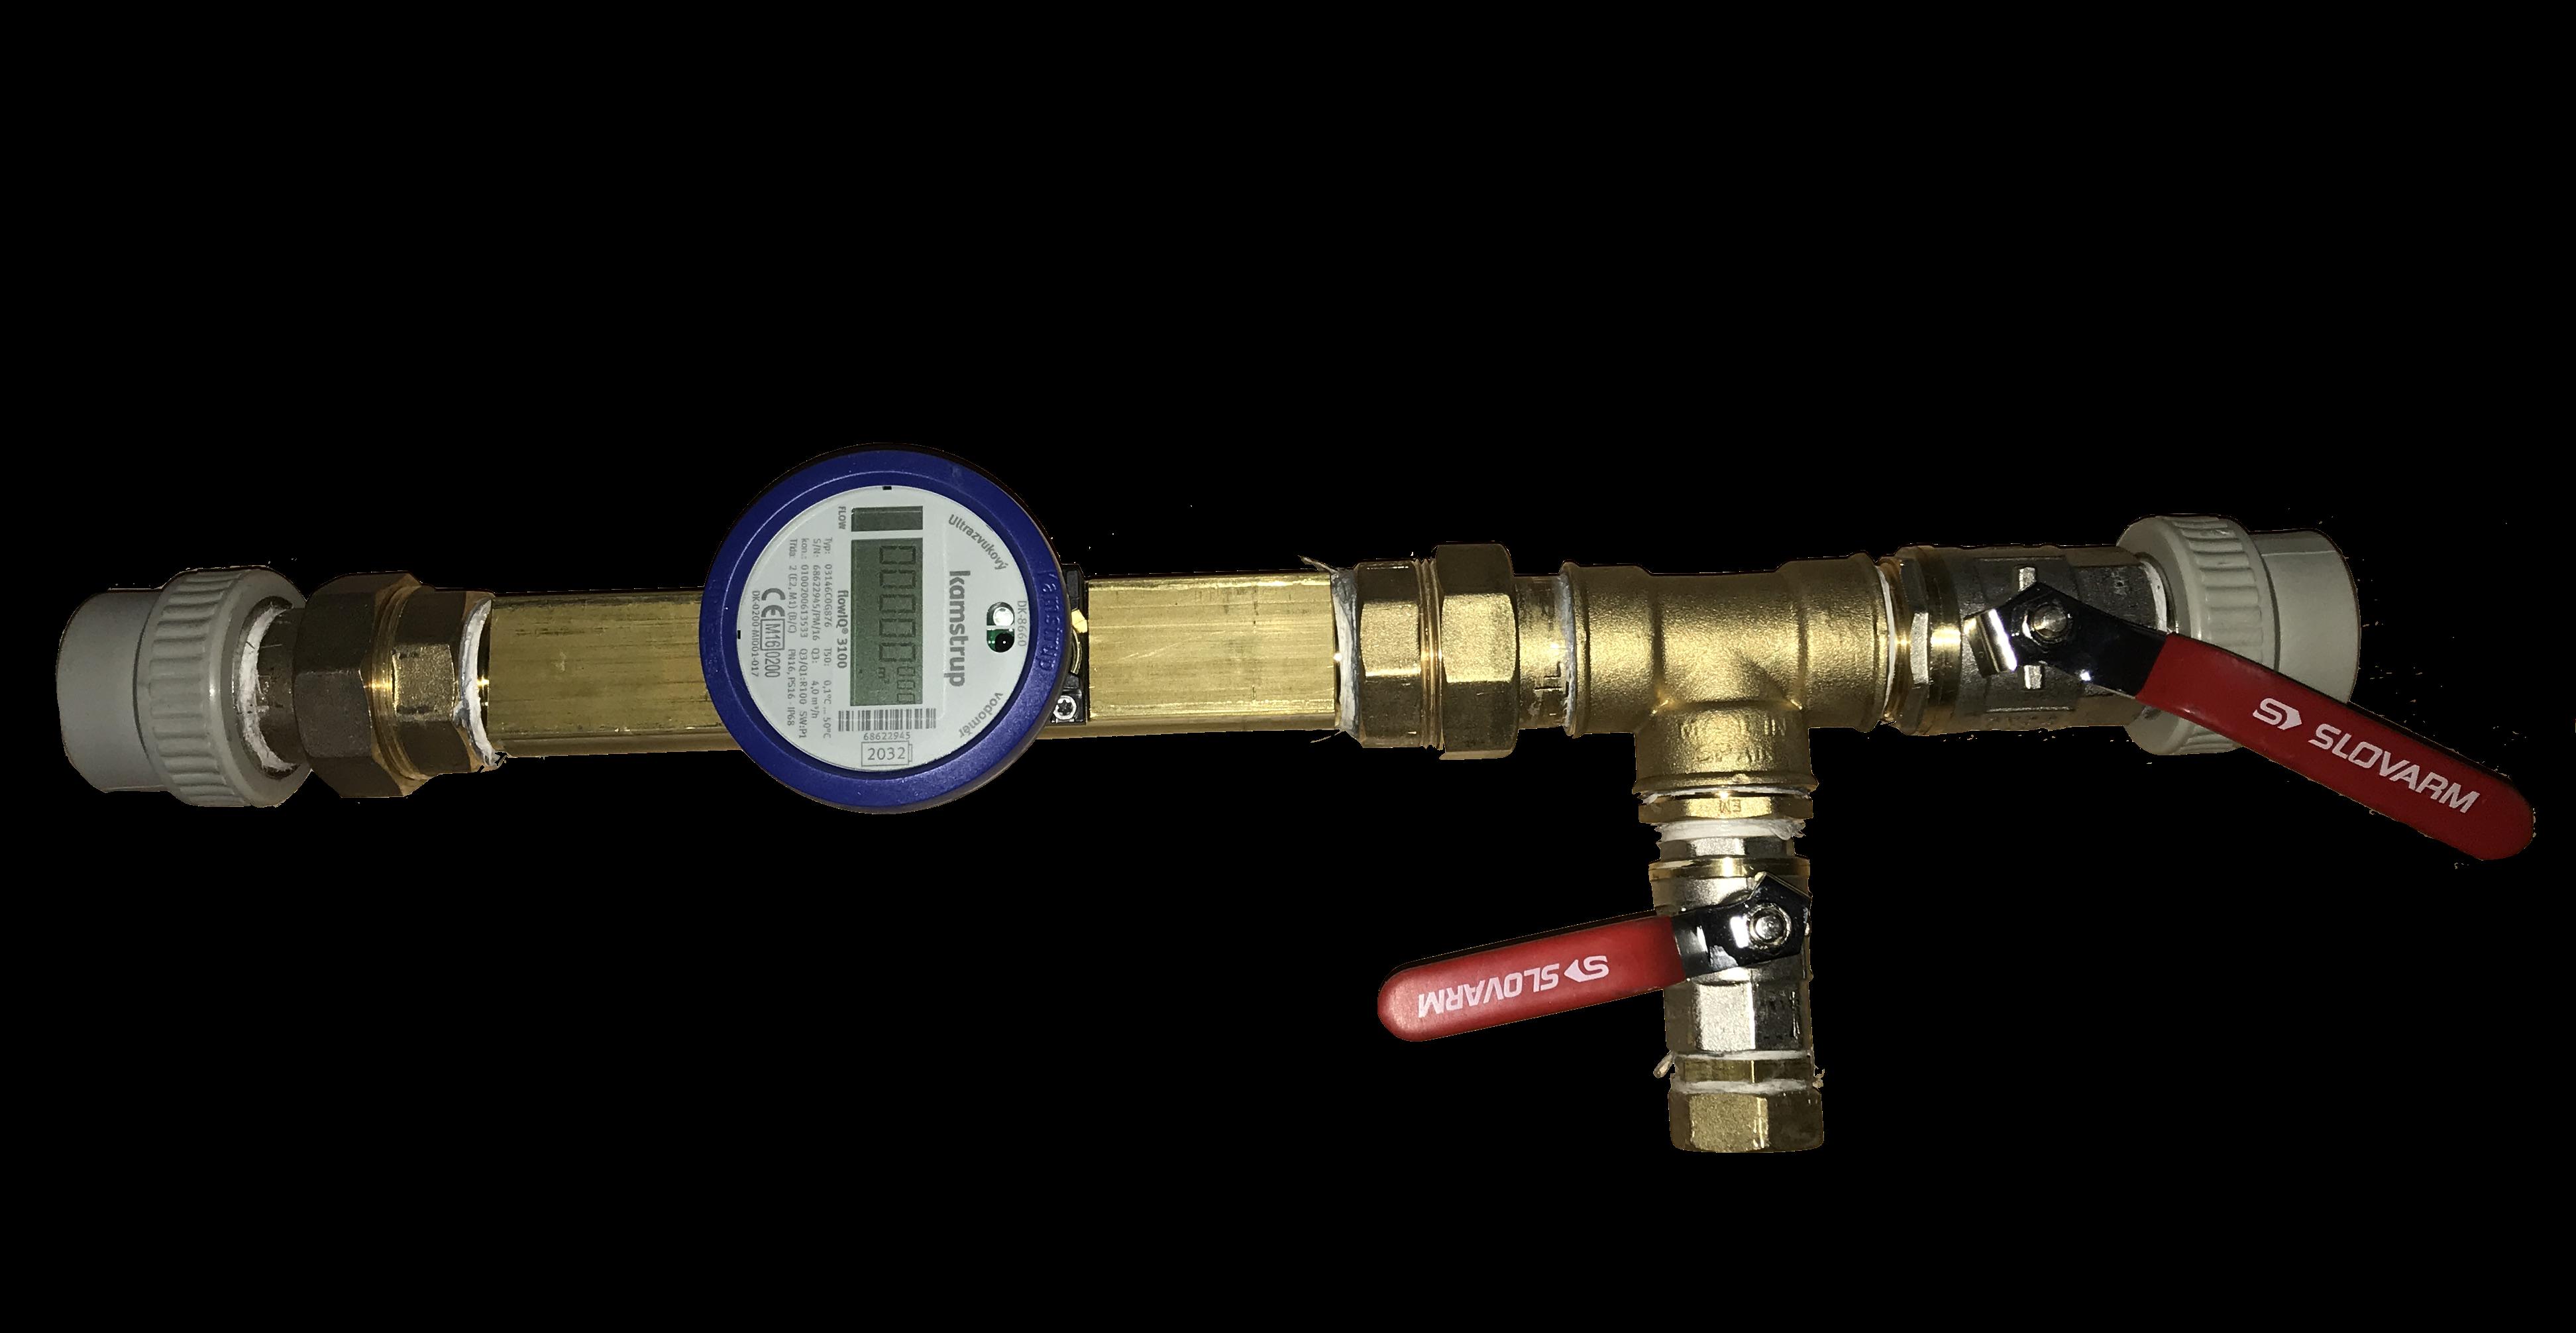 ultrazvukový vodoměr kamstrup_maddeo